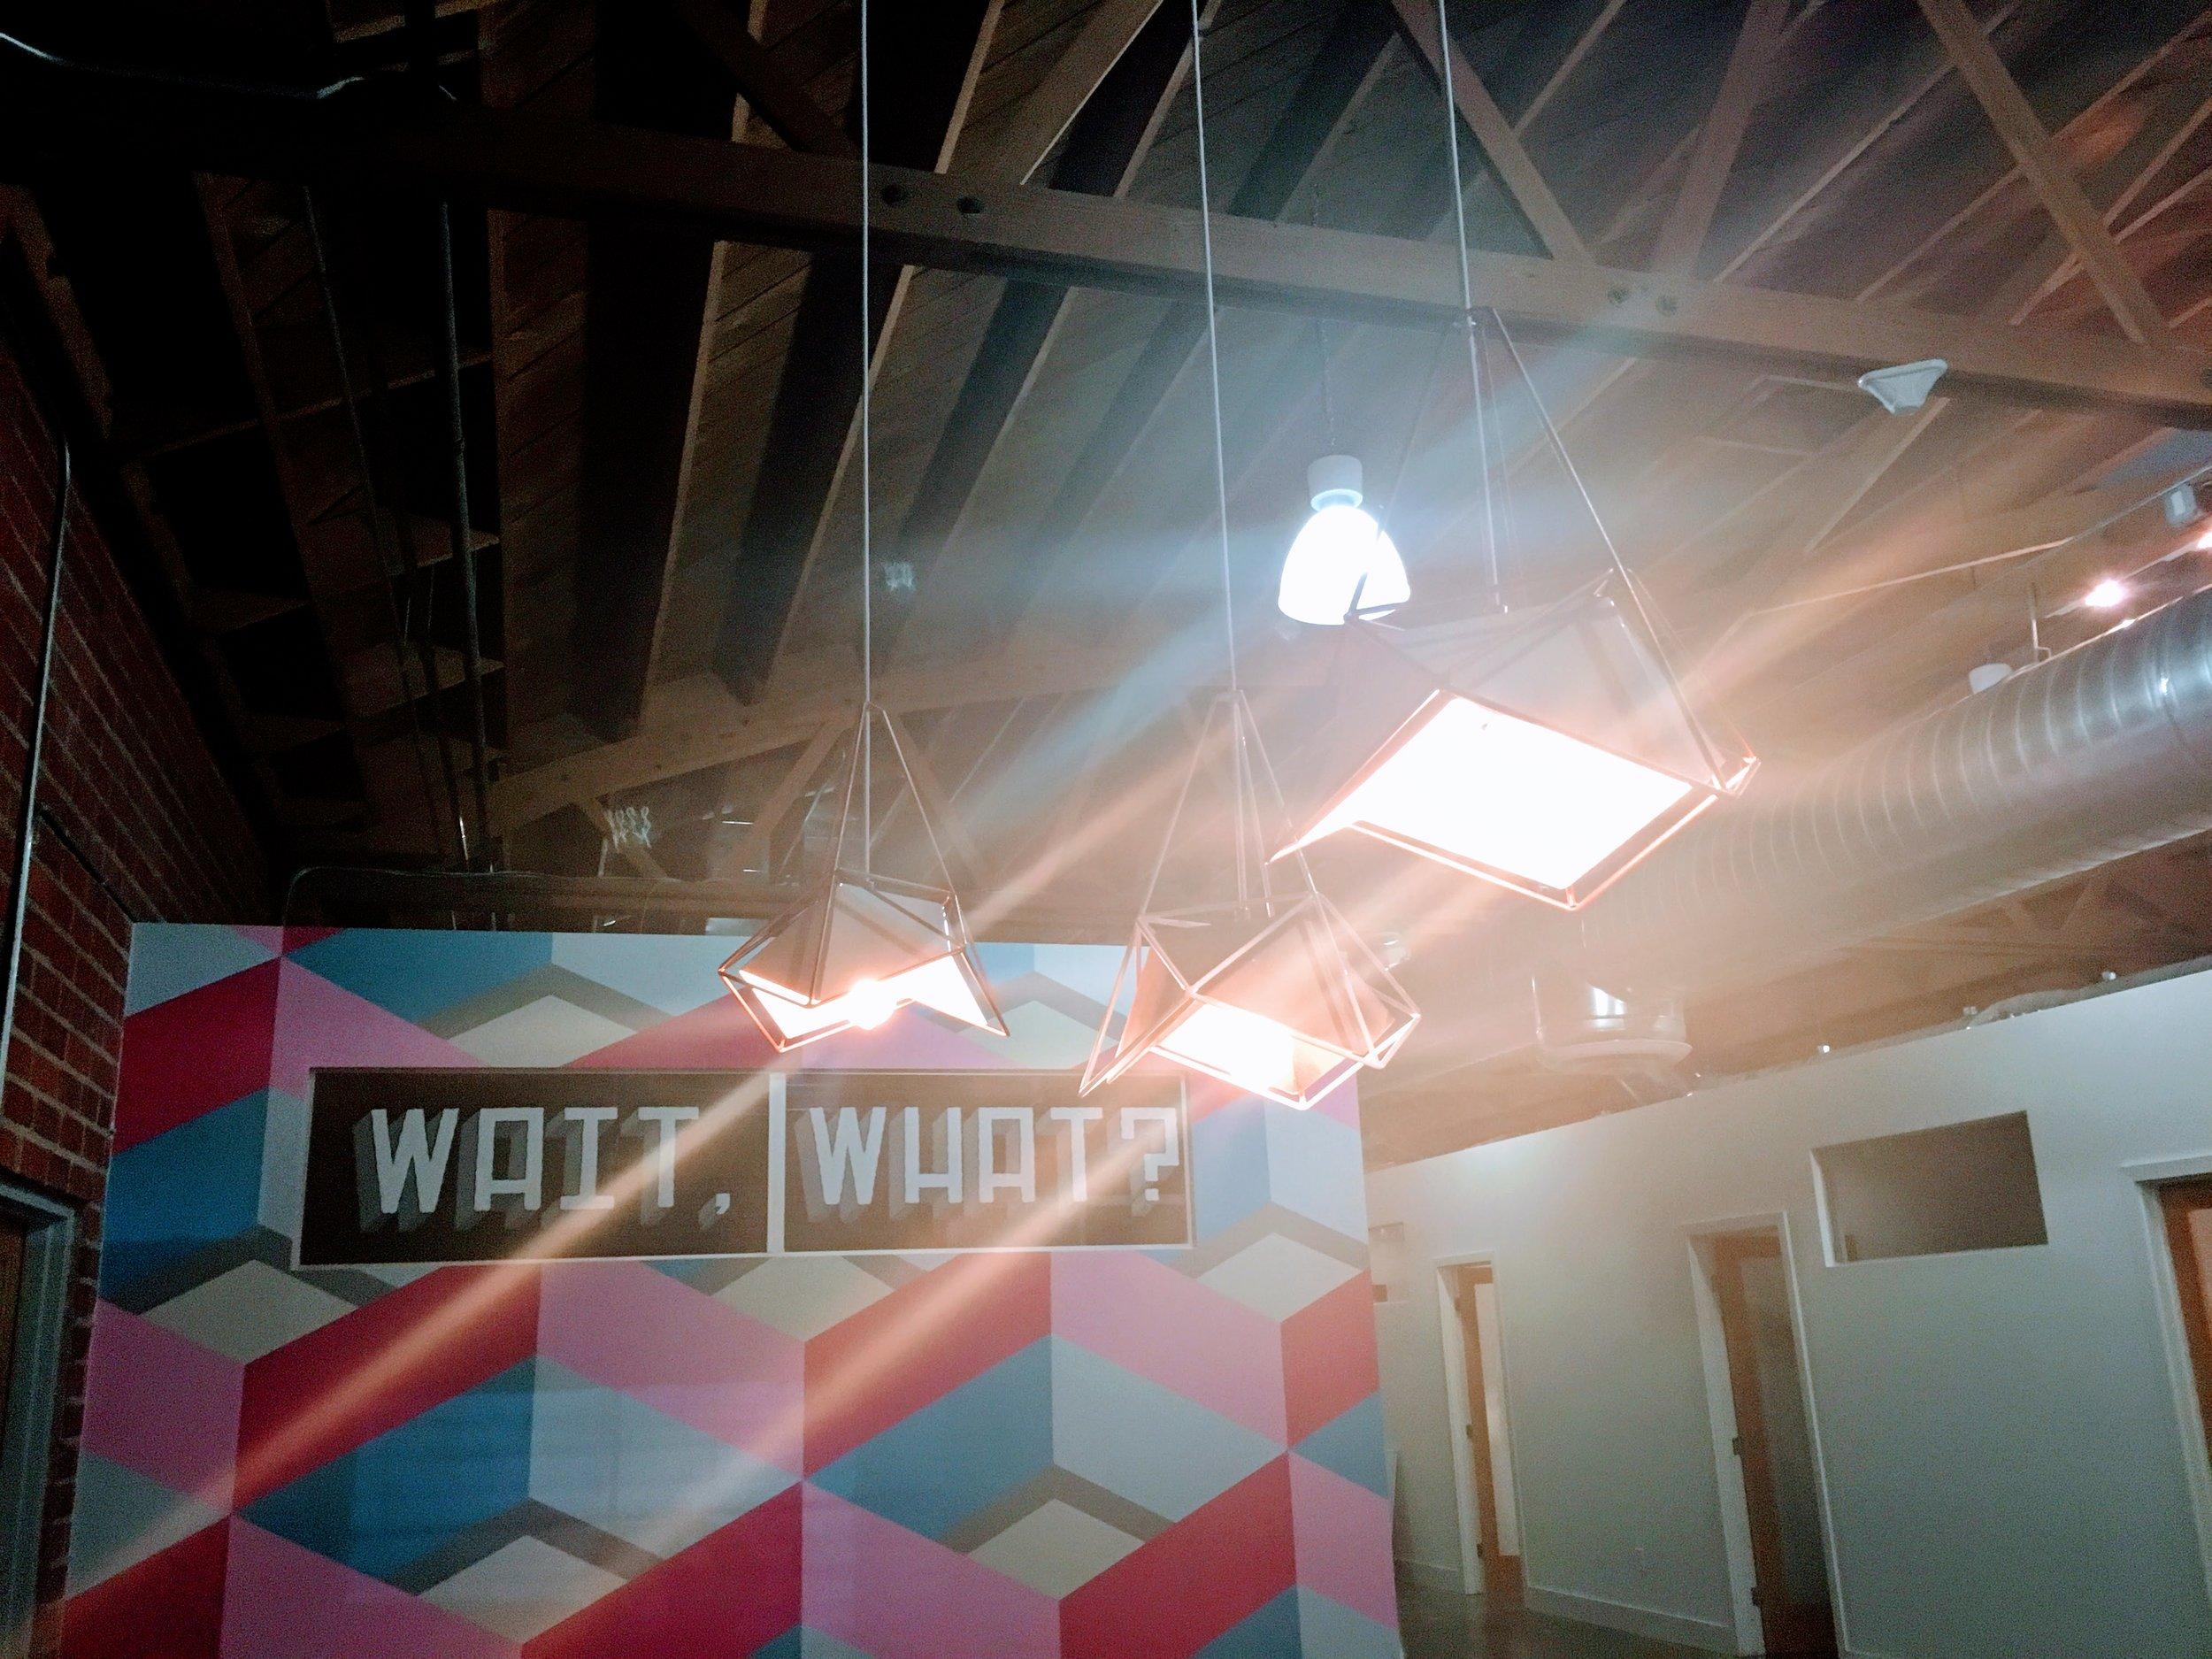 CUSTOM LIGHTING DESIGN by SUSIE HARRIS